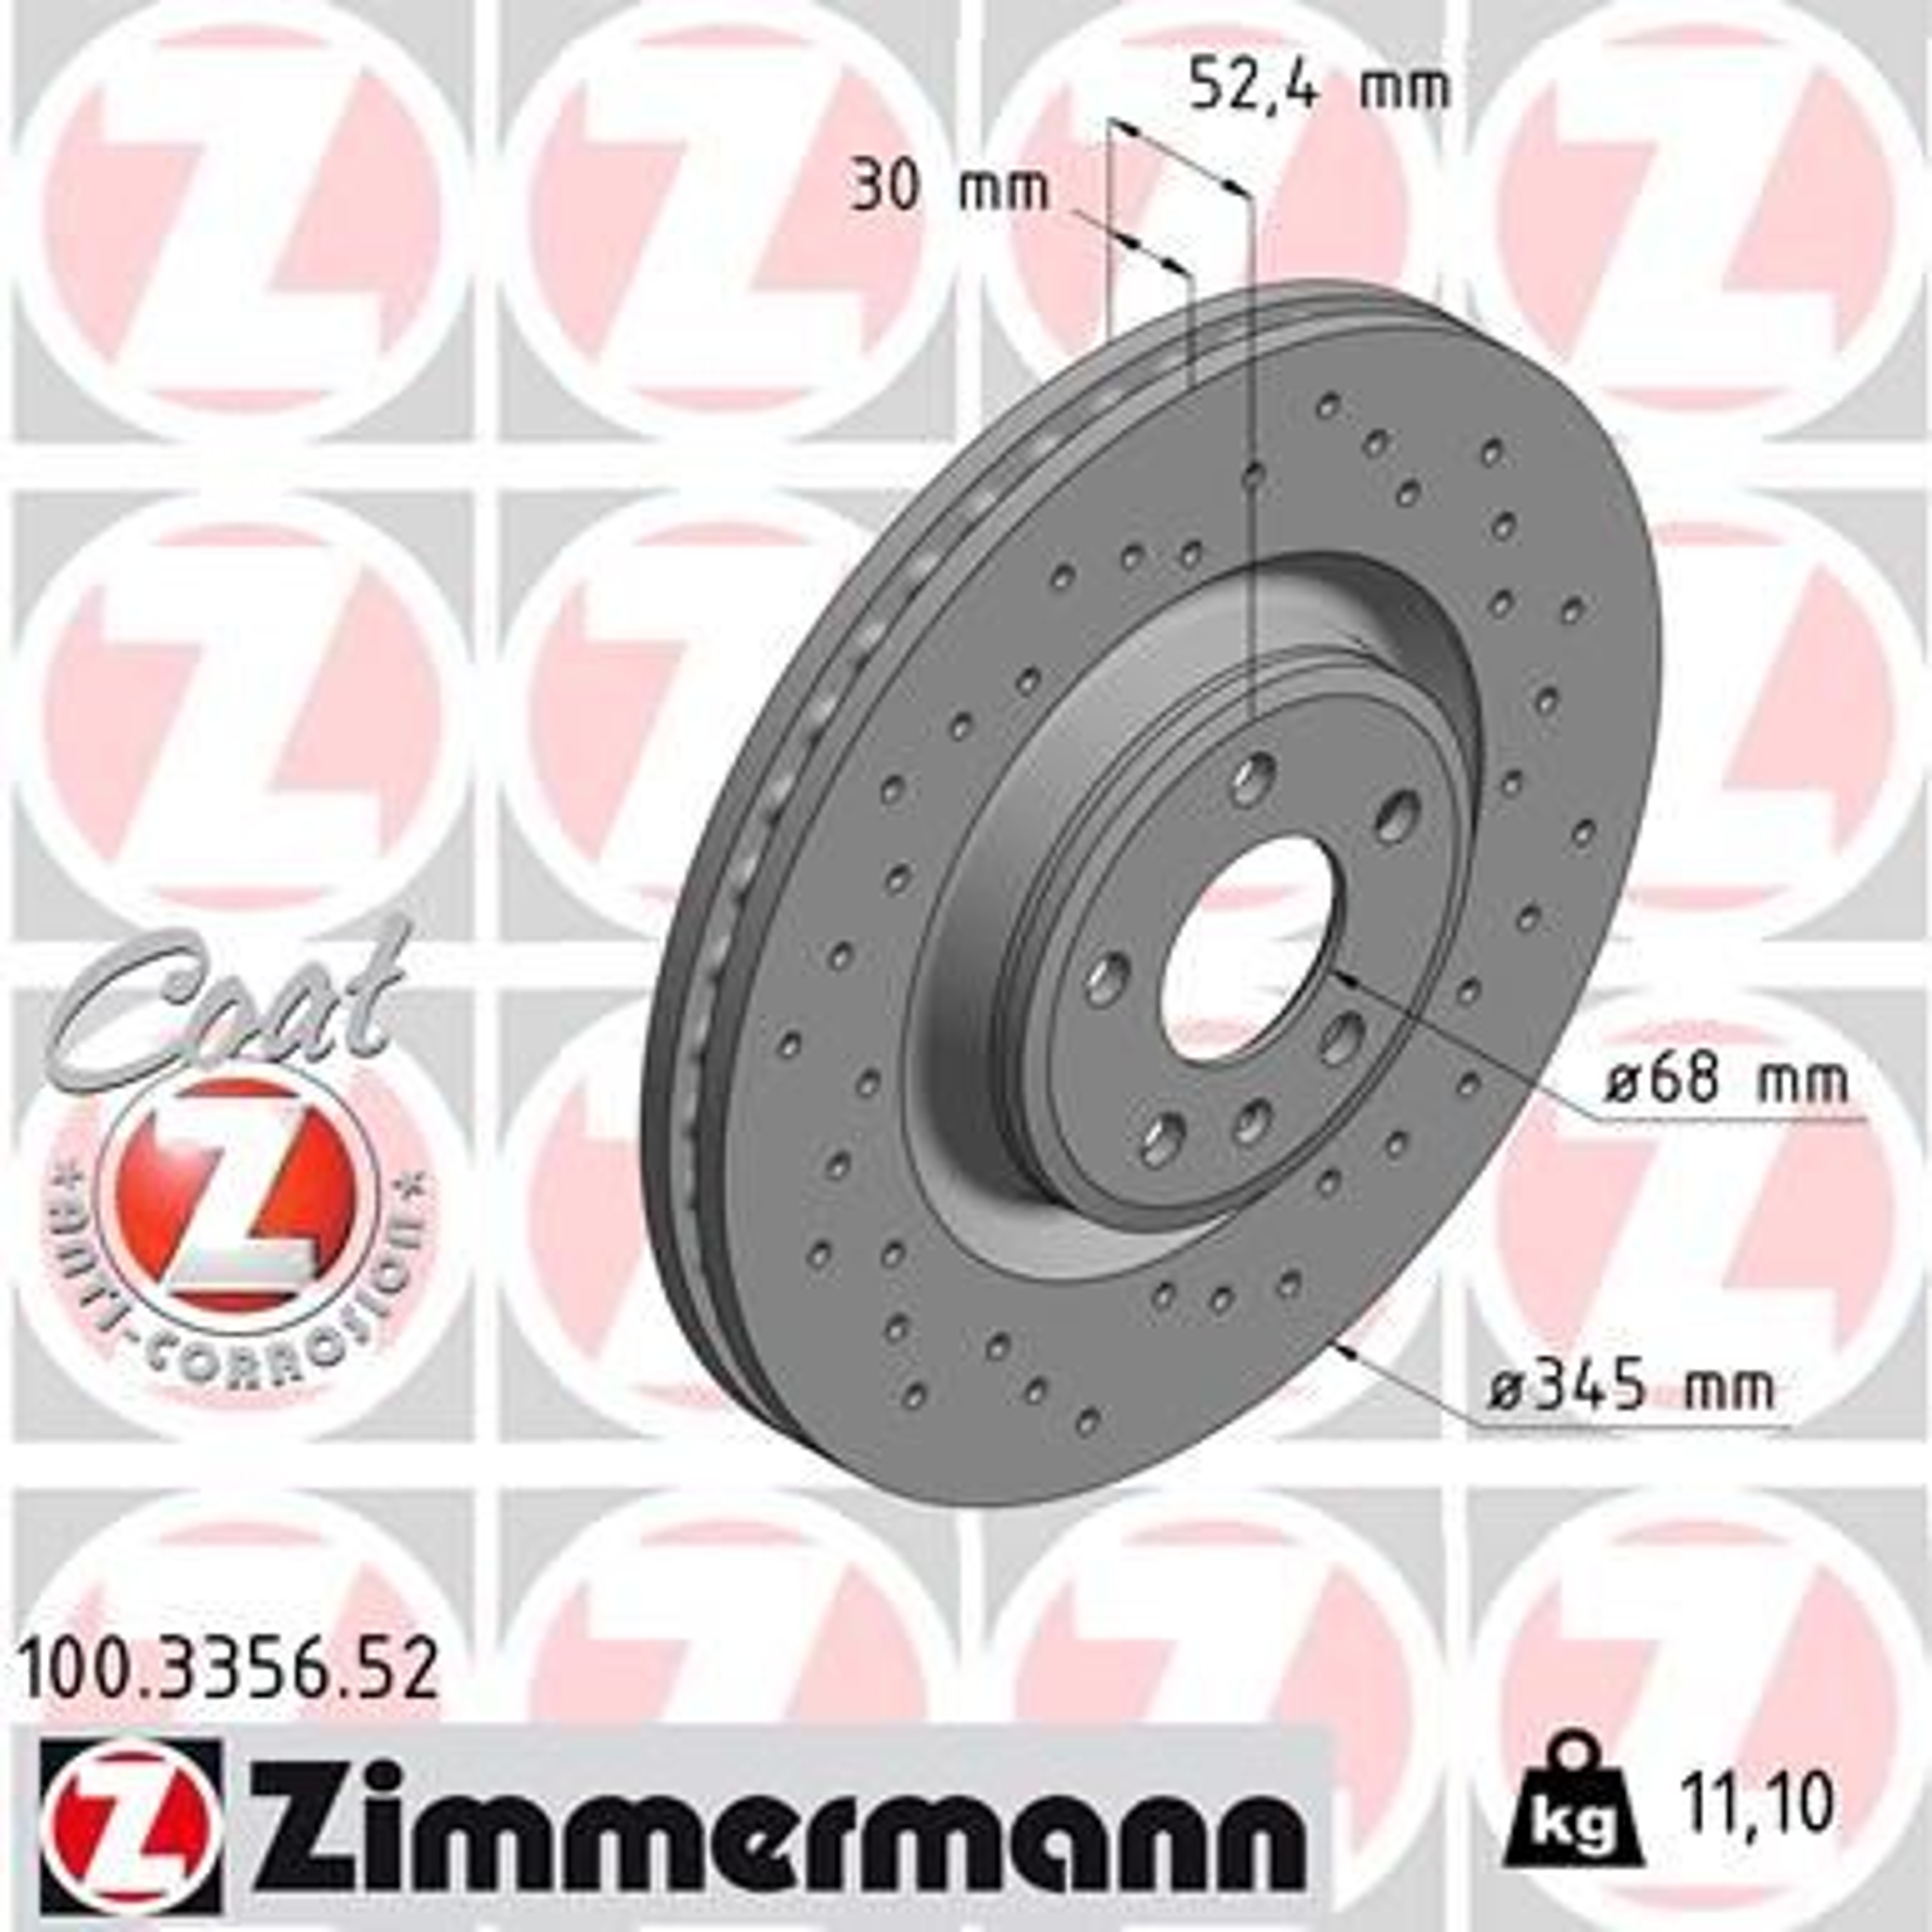 Bremsscheibe ZIMMERMANN 100.3356.52 Bewertungen